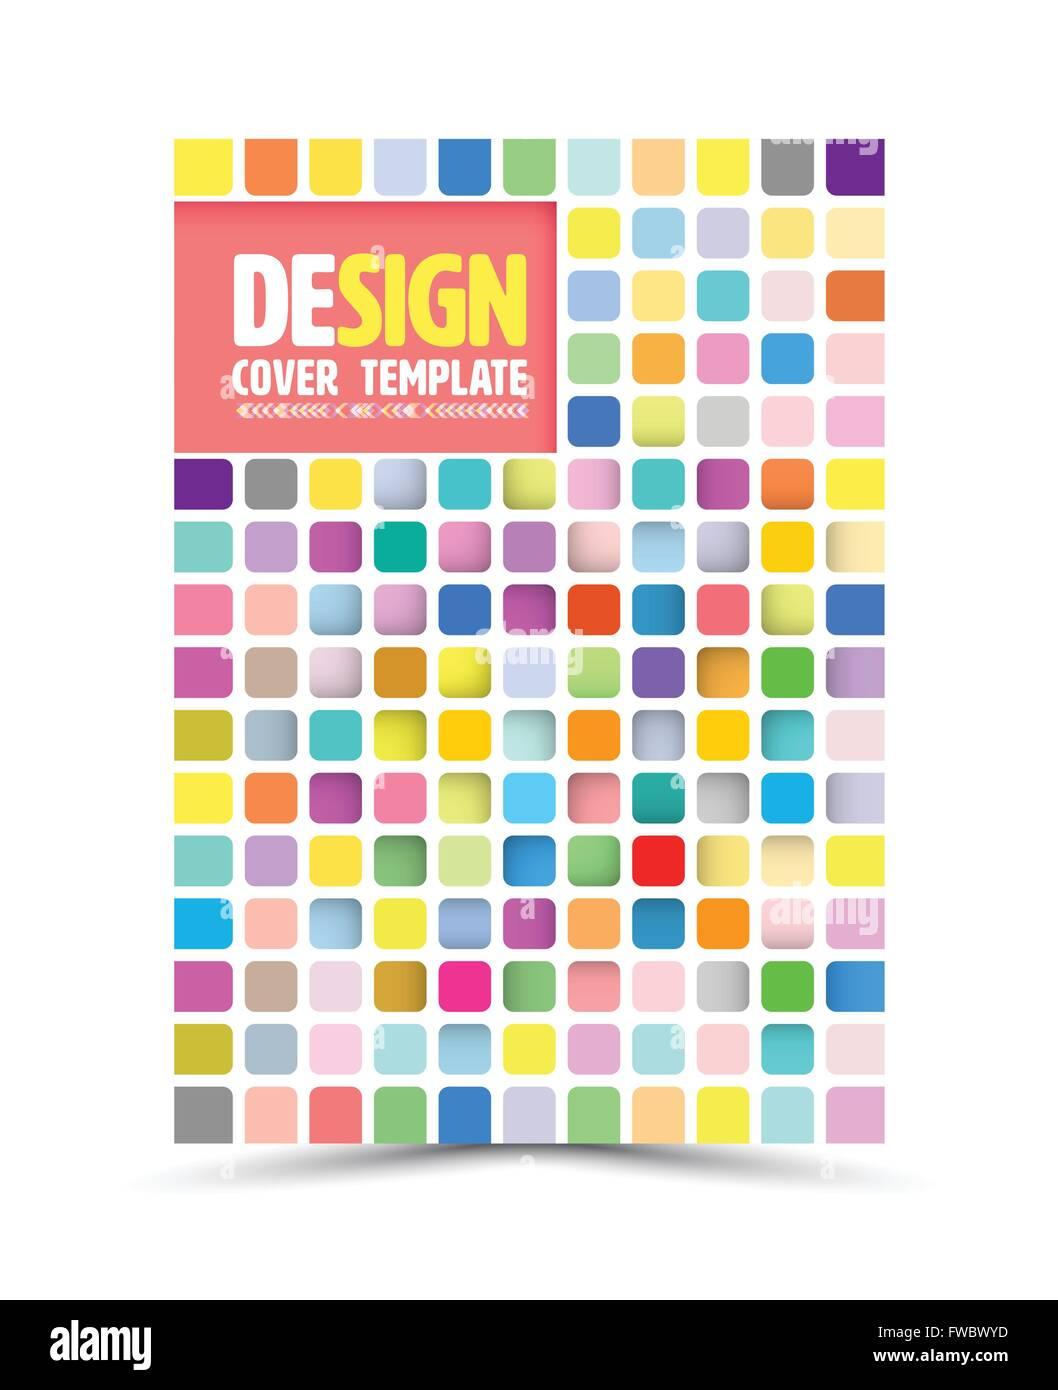 Il vettore per la copertina del libro il modello di progettazione, layout opuscolo, copertina & poster modello. Immagini Stock